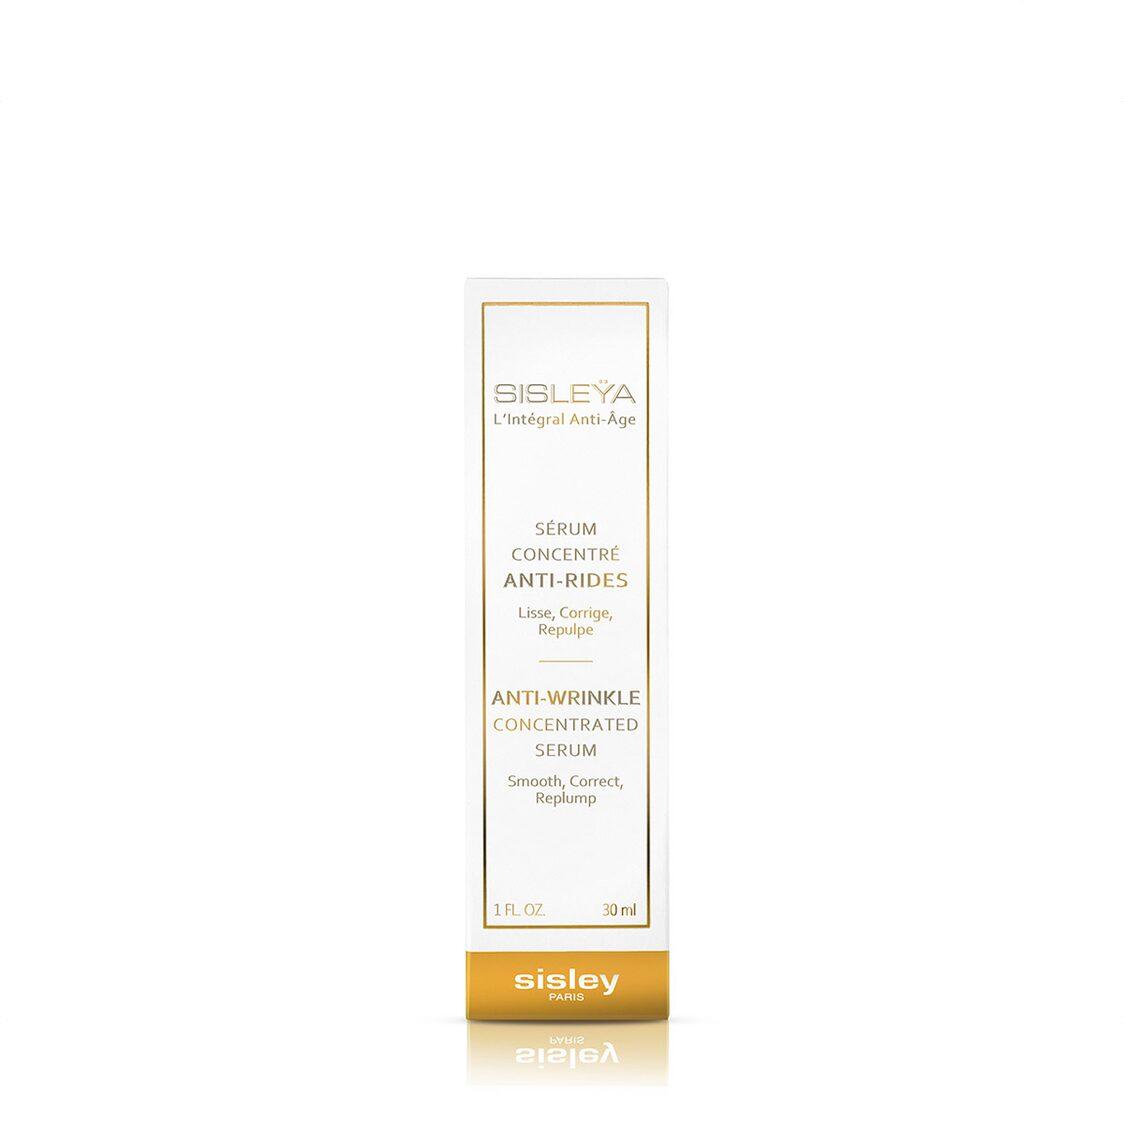 Sisley Sislea LIntgral Anti-ge Anti-Wrinkle Concentrated Serum